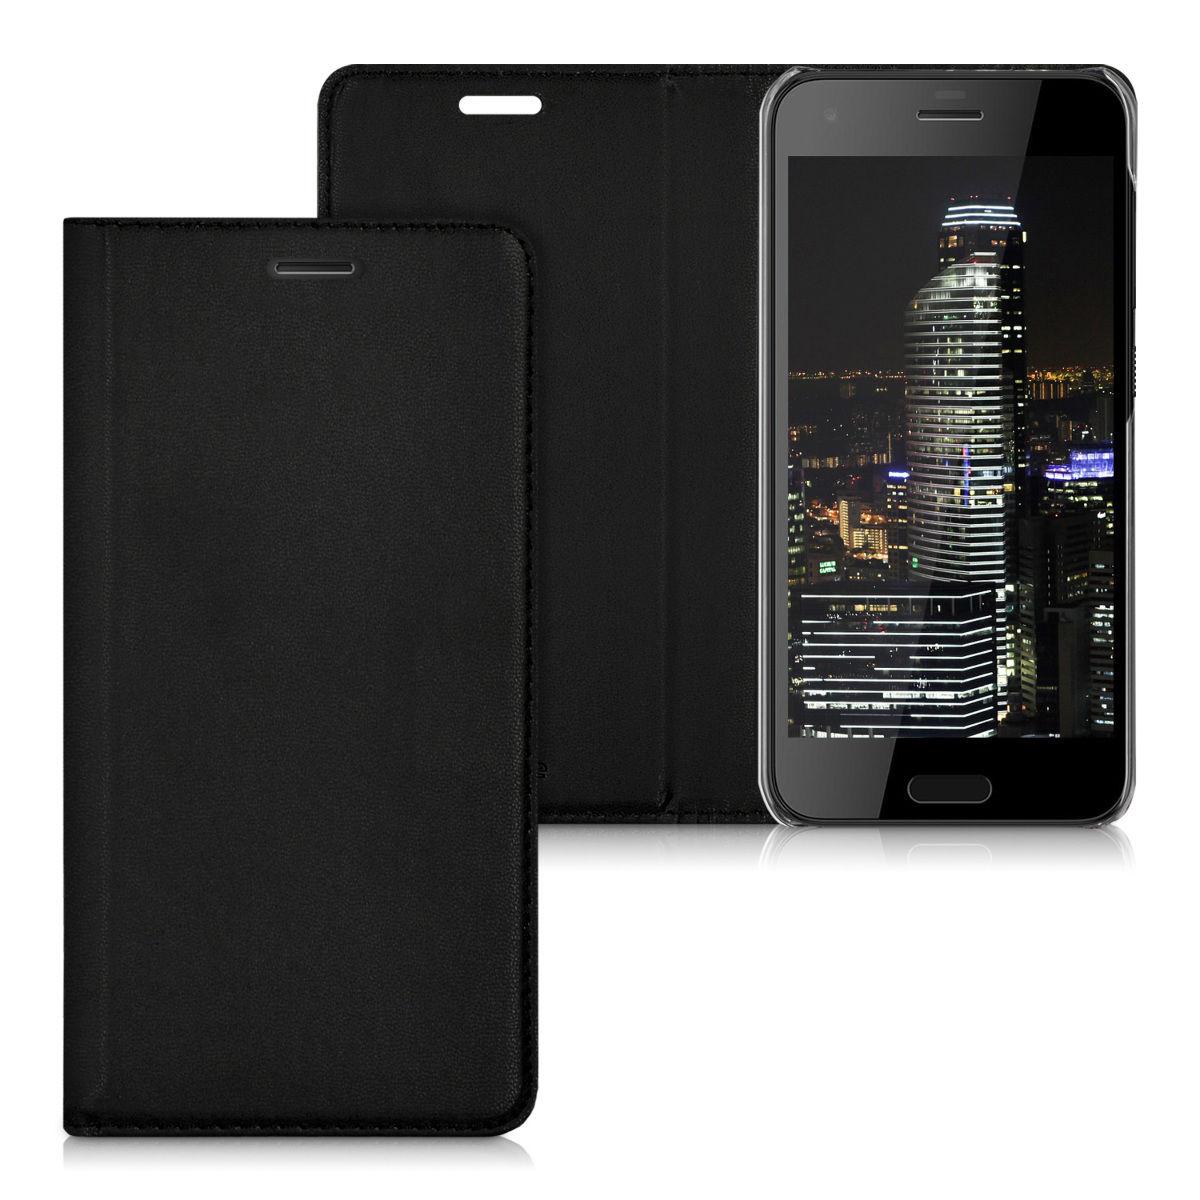 Pouzdro pro HTC One A9s černé